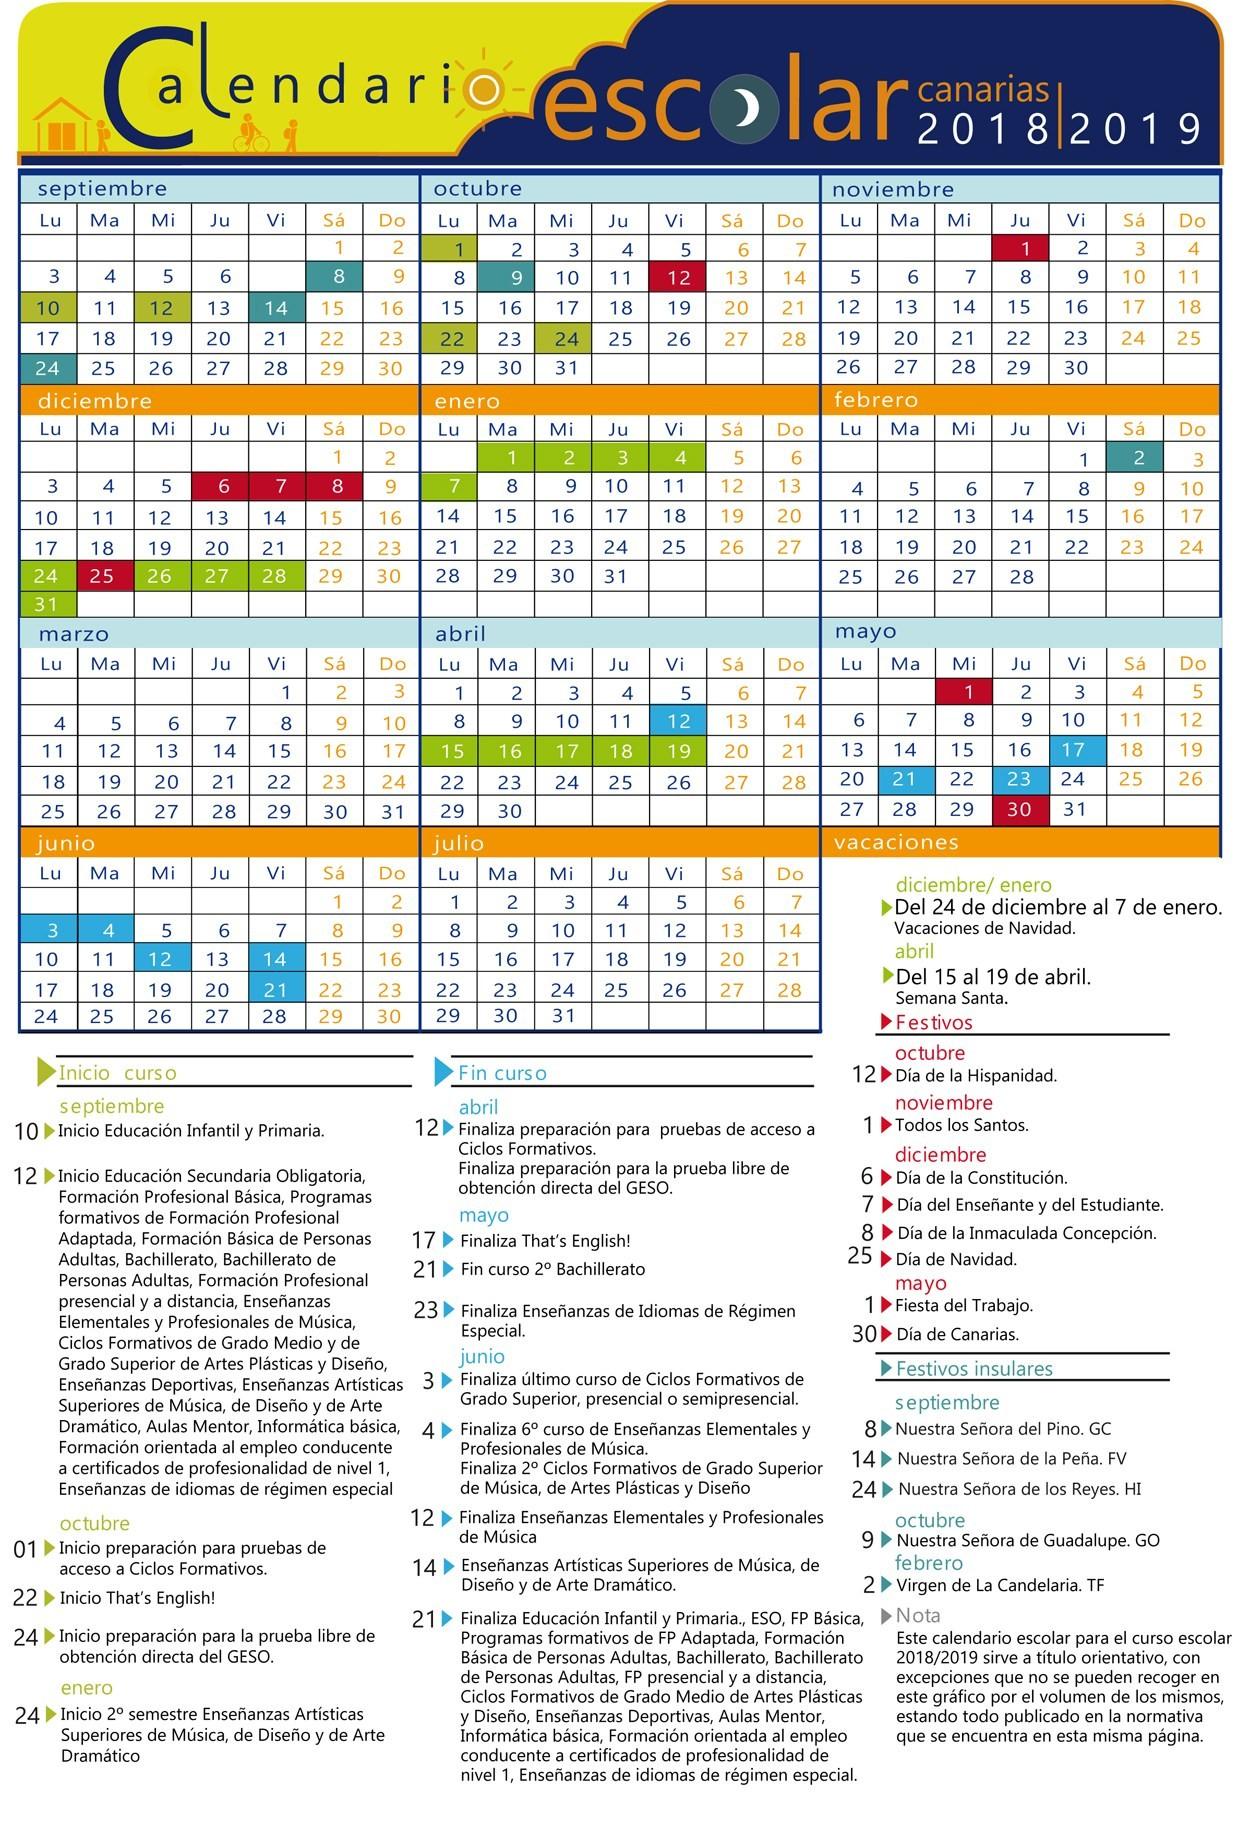 Calendario Escolar 2019 A Más Actual Calendario Escolar 2018 2019 Of Calendario Escolar 2019 A Más Caliente Calendario Escolar